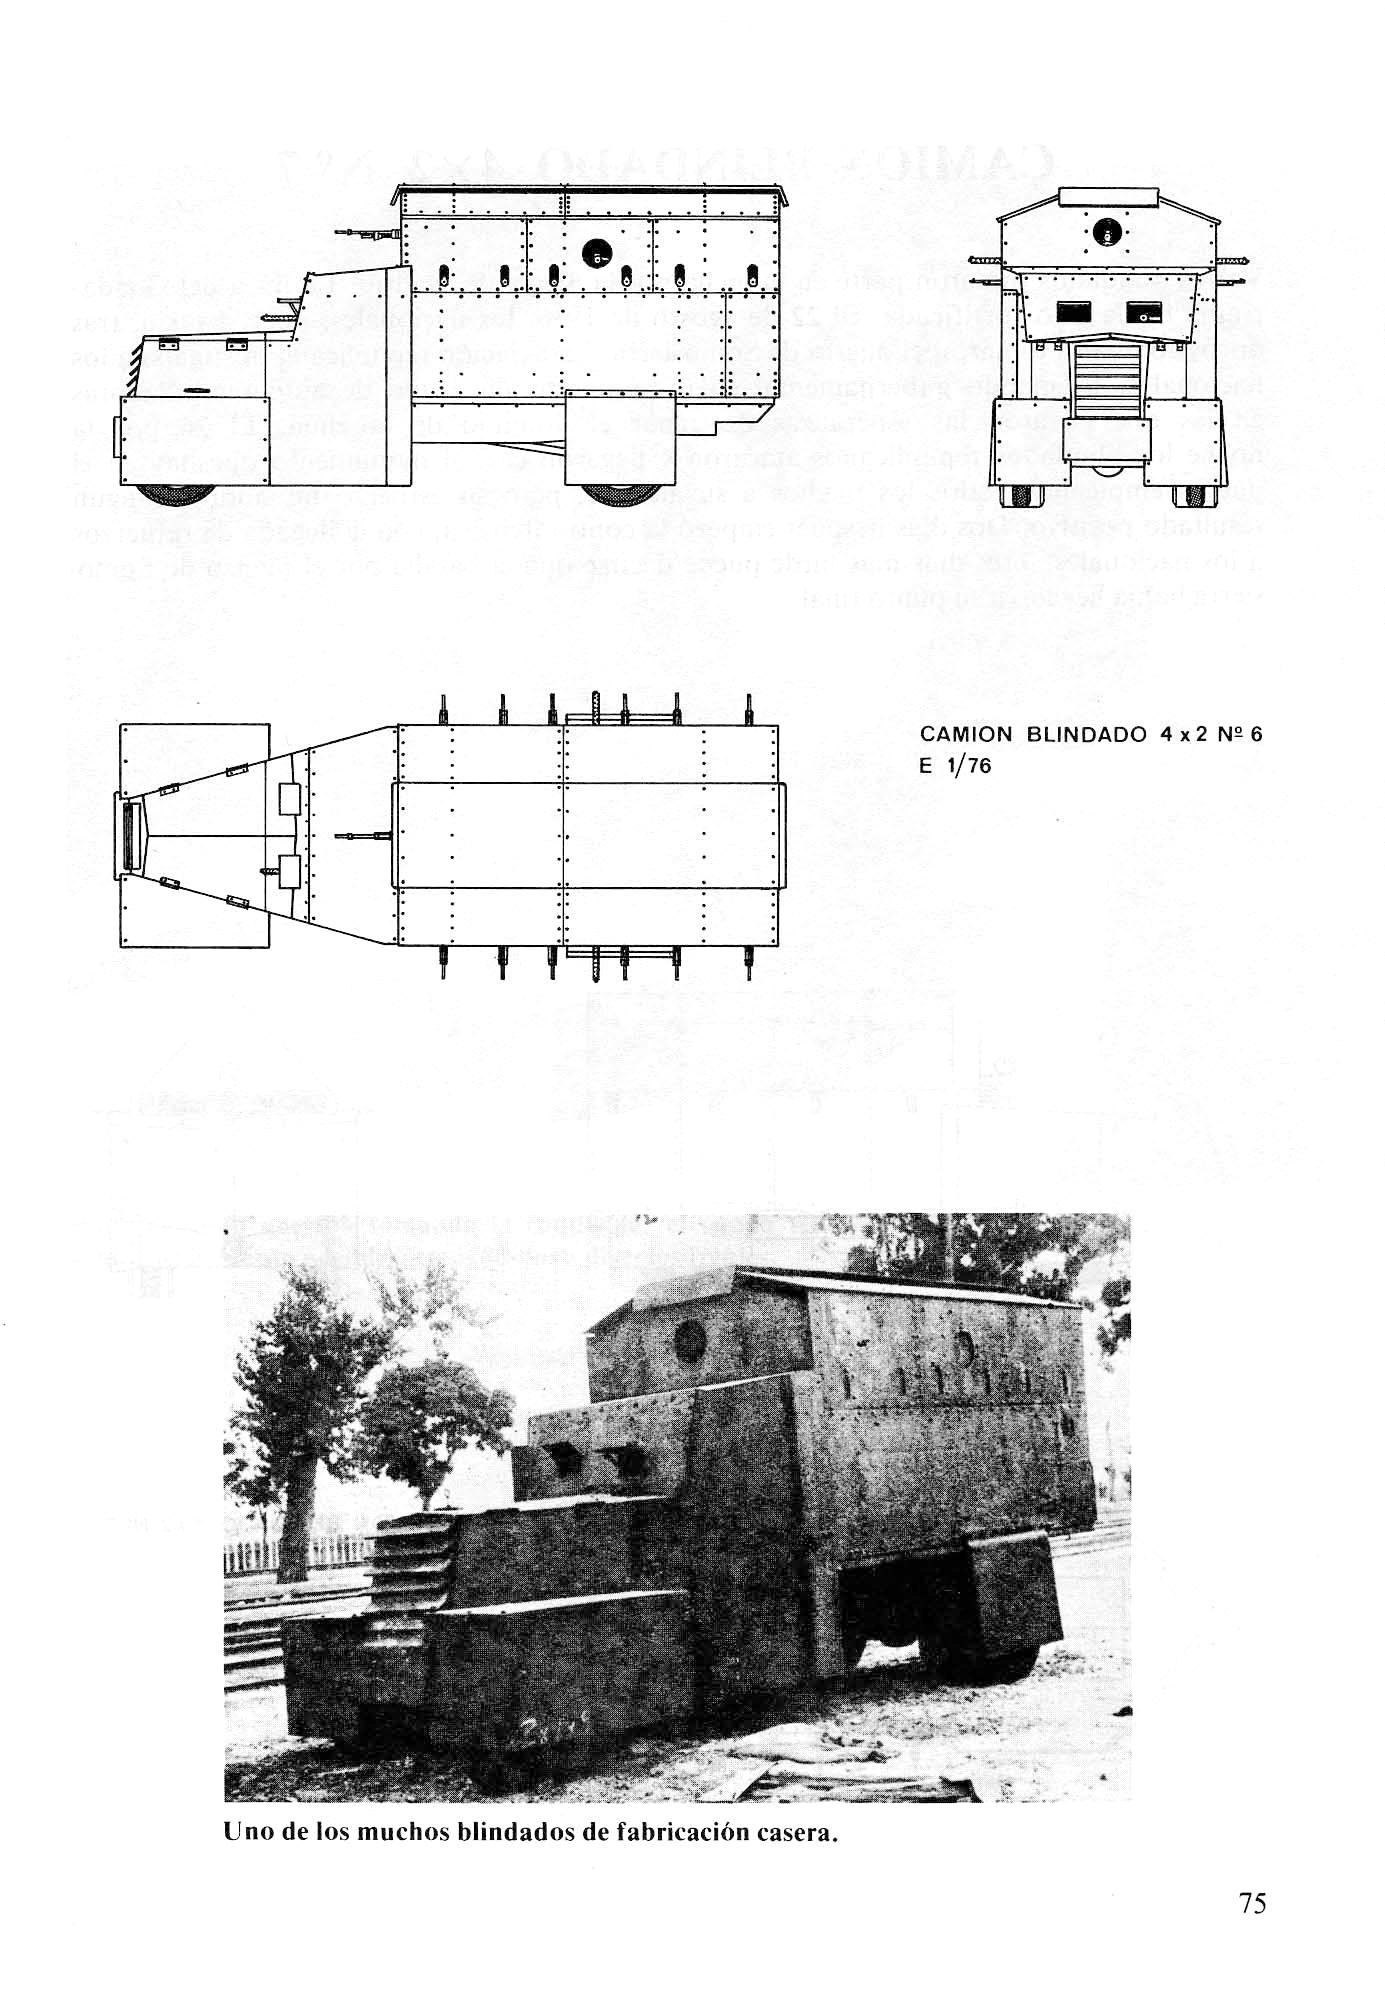 Carros De Combate Y Vehiculos Blindados De La Guerra 1936 1939 [F.C.Albert 1980]_Страница_073.jpg